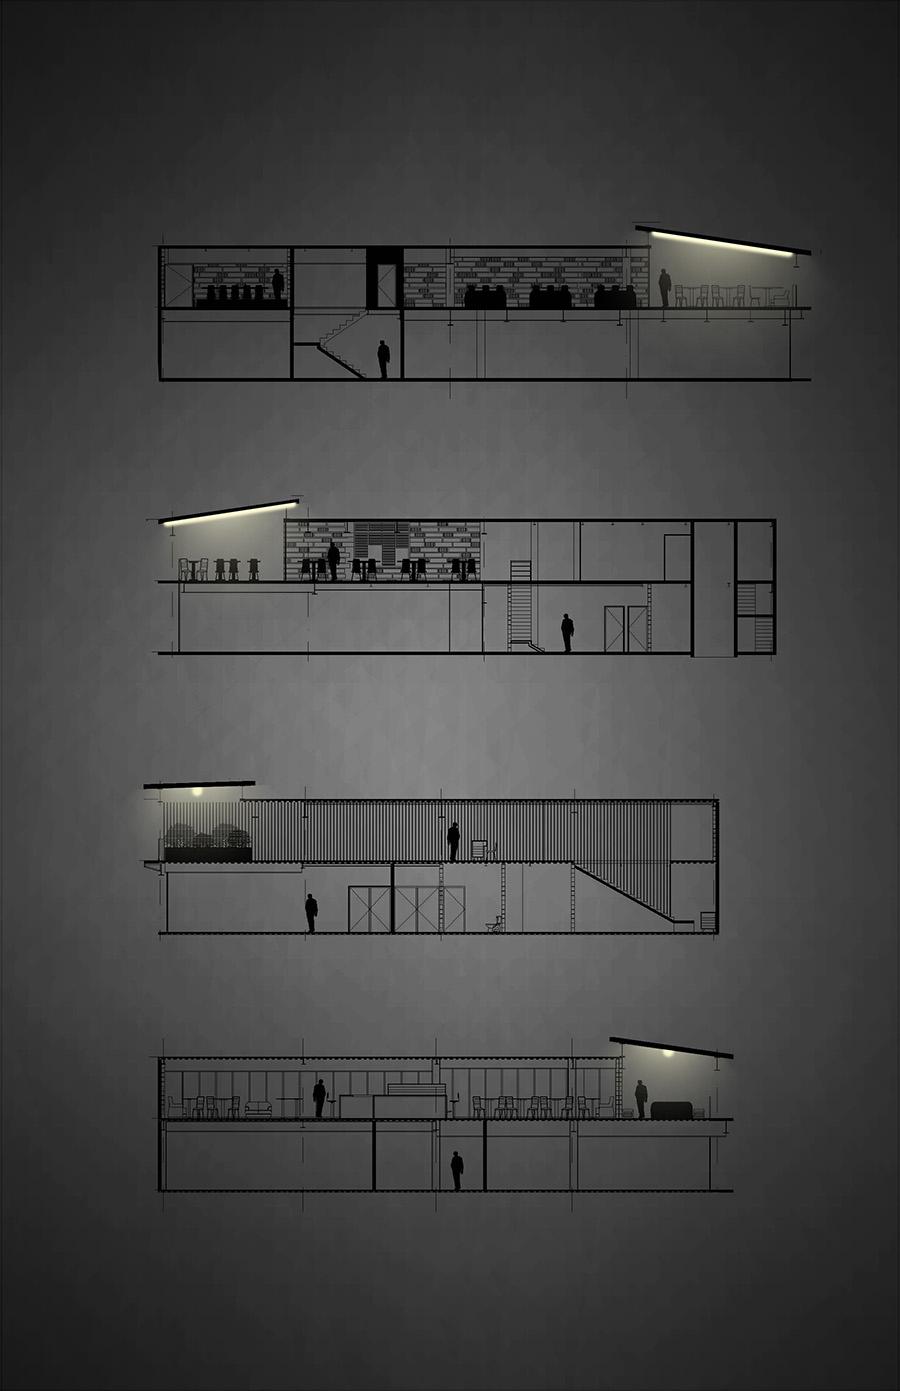 מתוך קורס תאורה - תכנון תאורה למסעדה